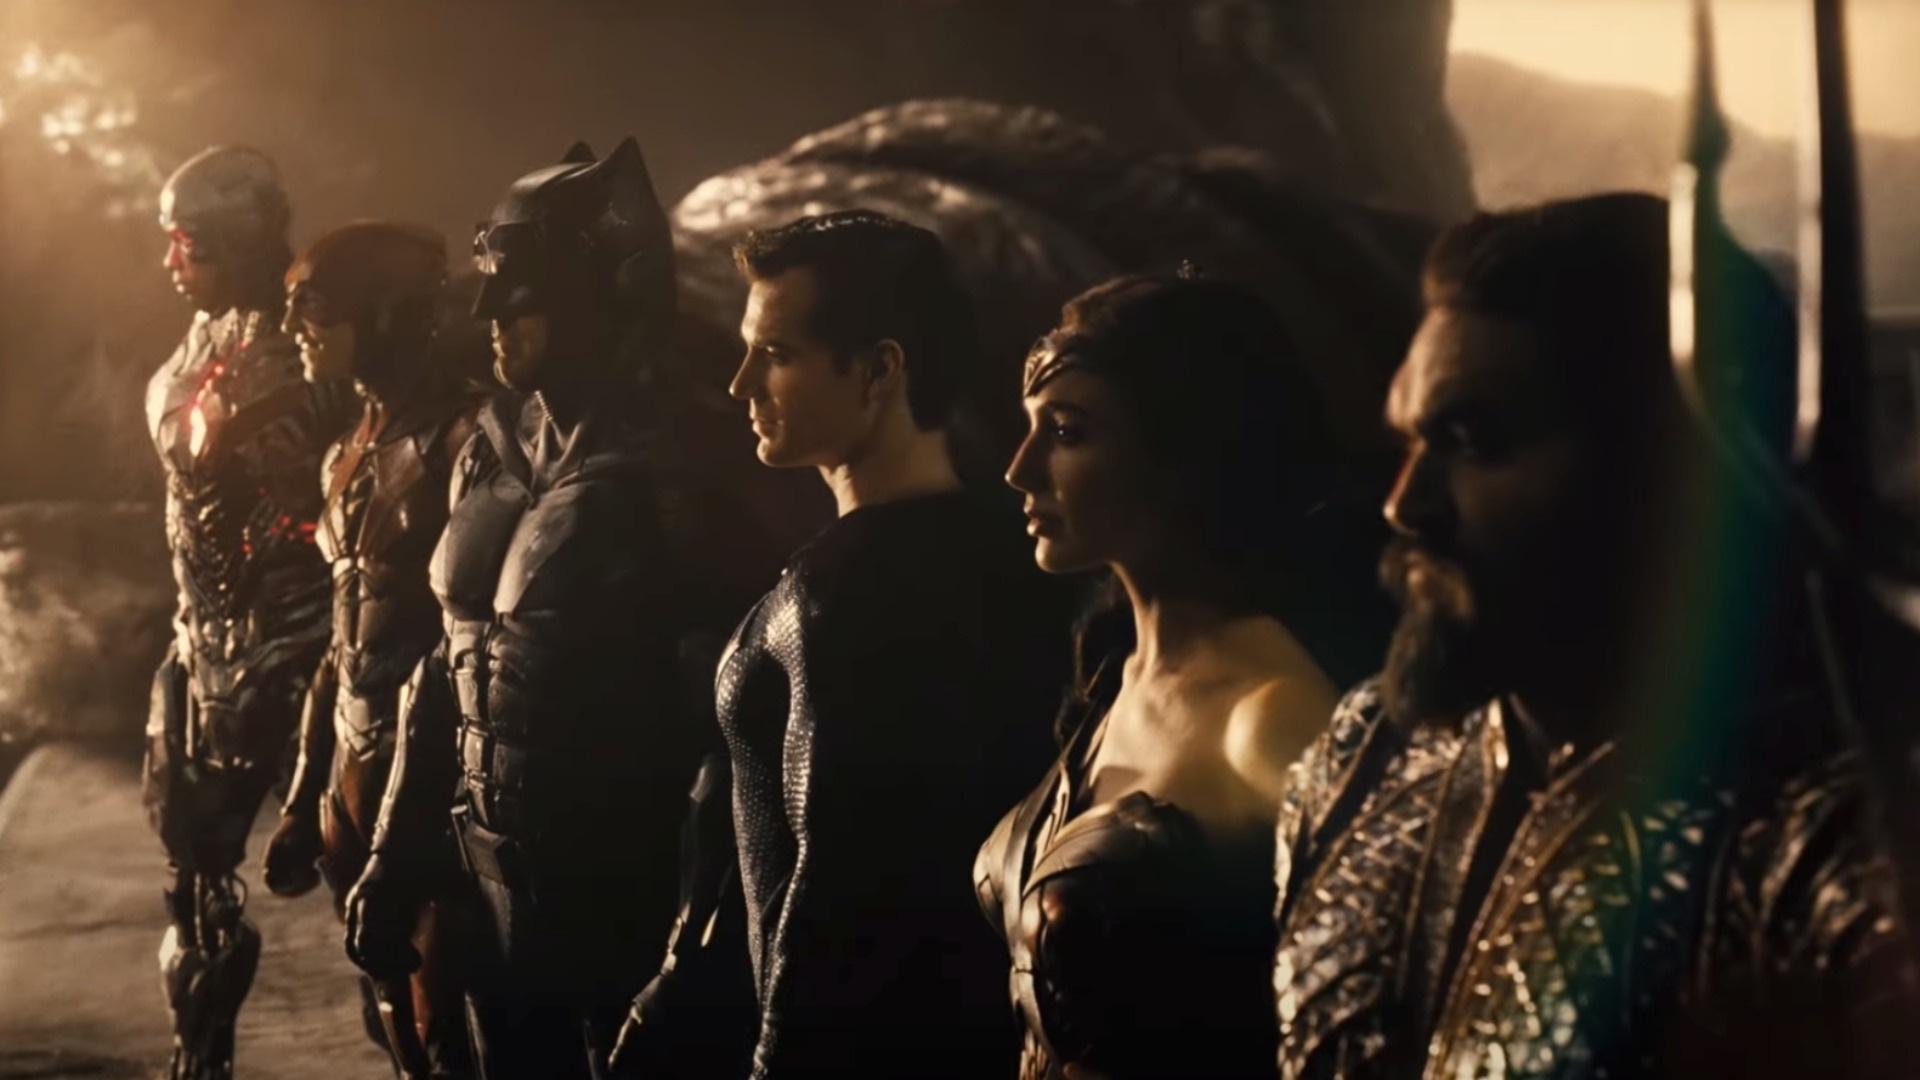 «Лига справедливости» Зака Снайдера выйдет на HBO Max в марте 2021 года